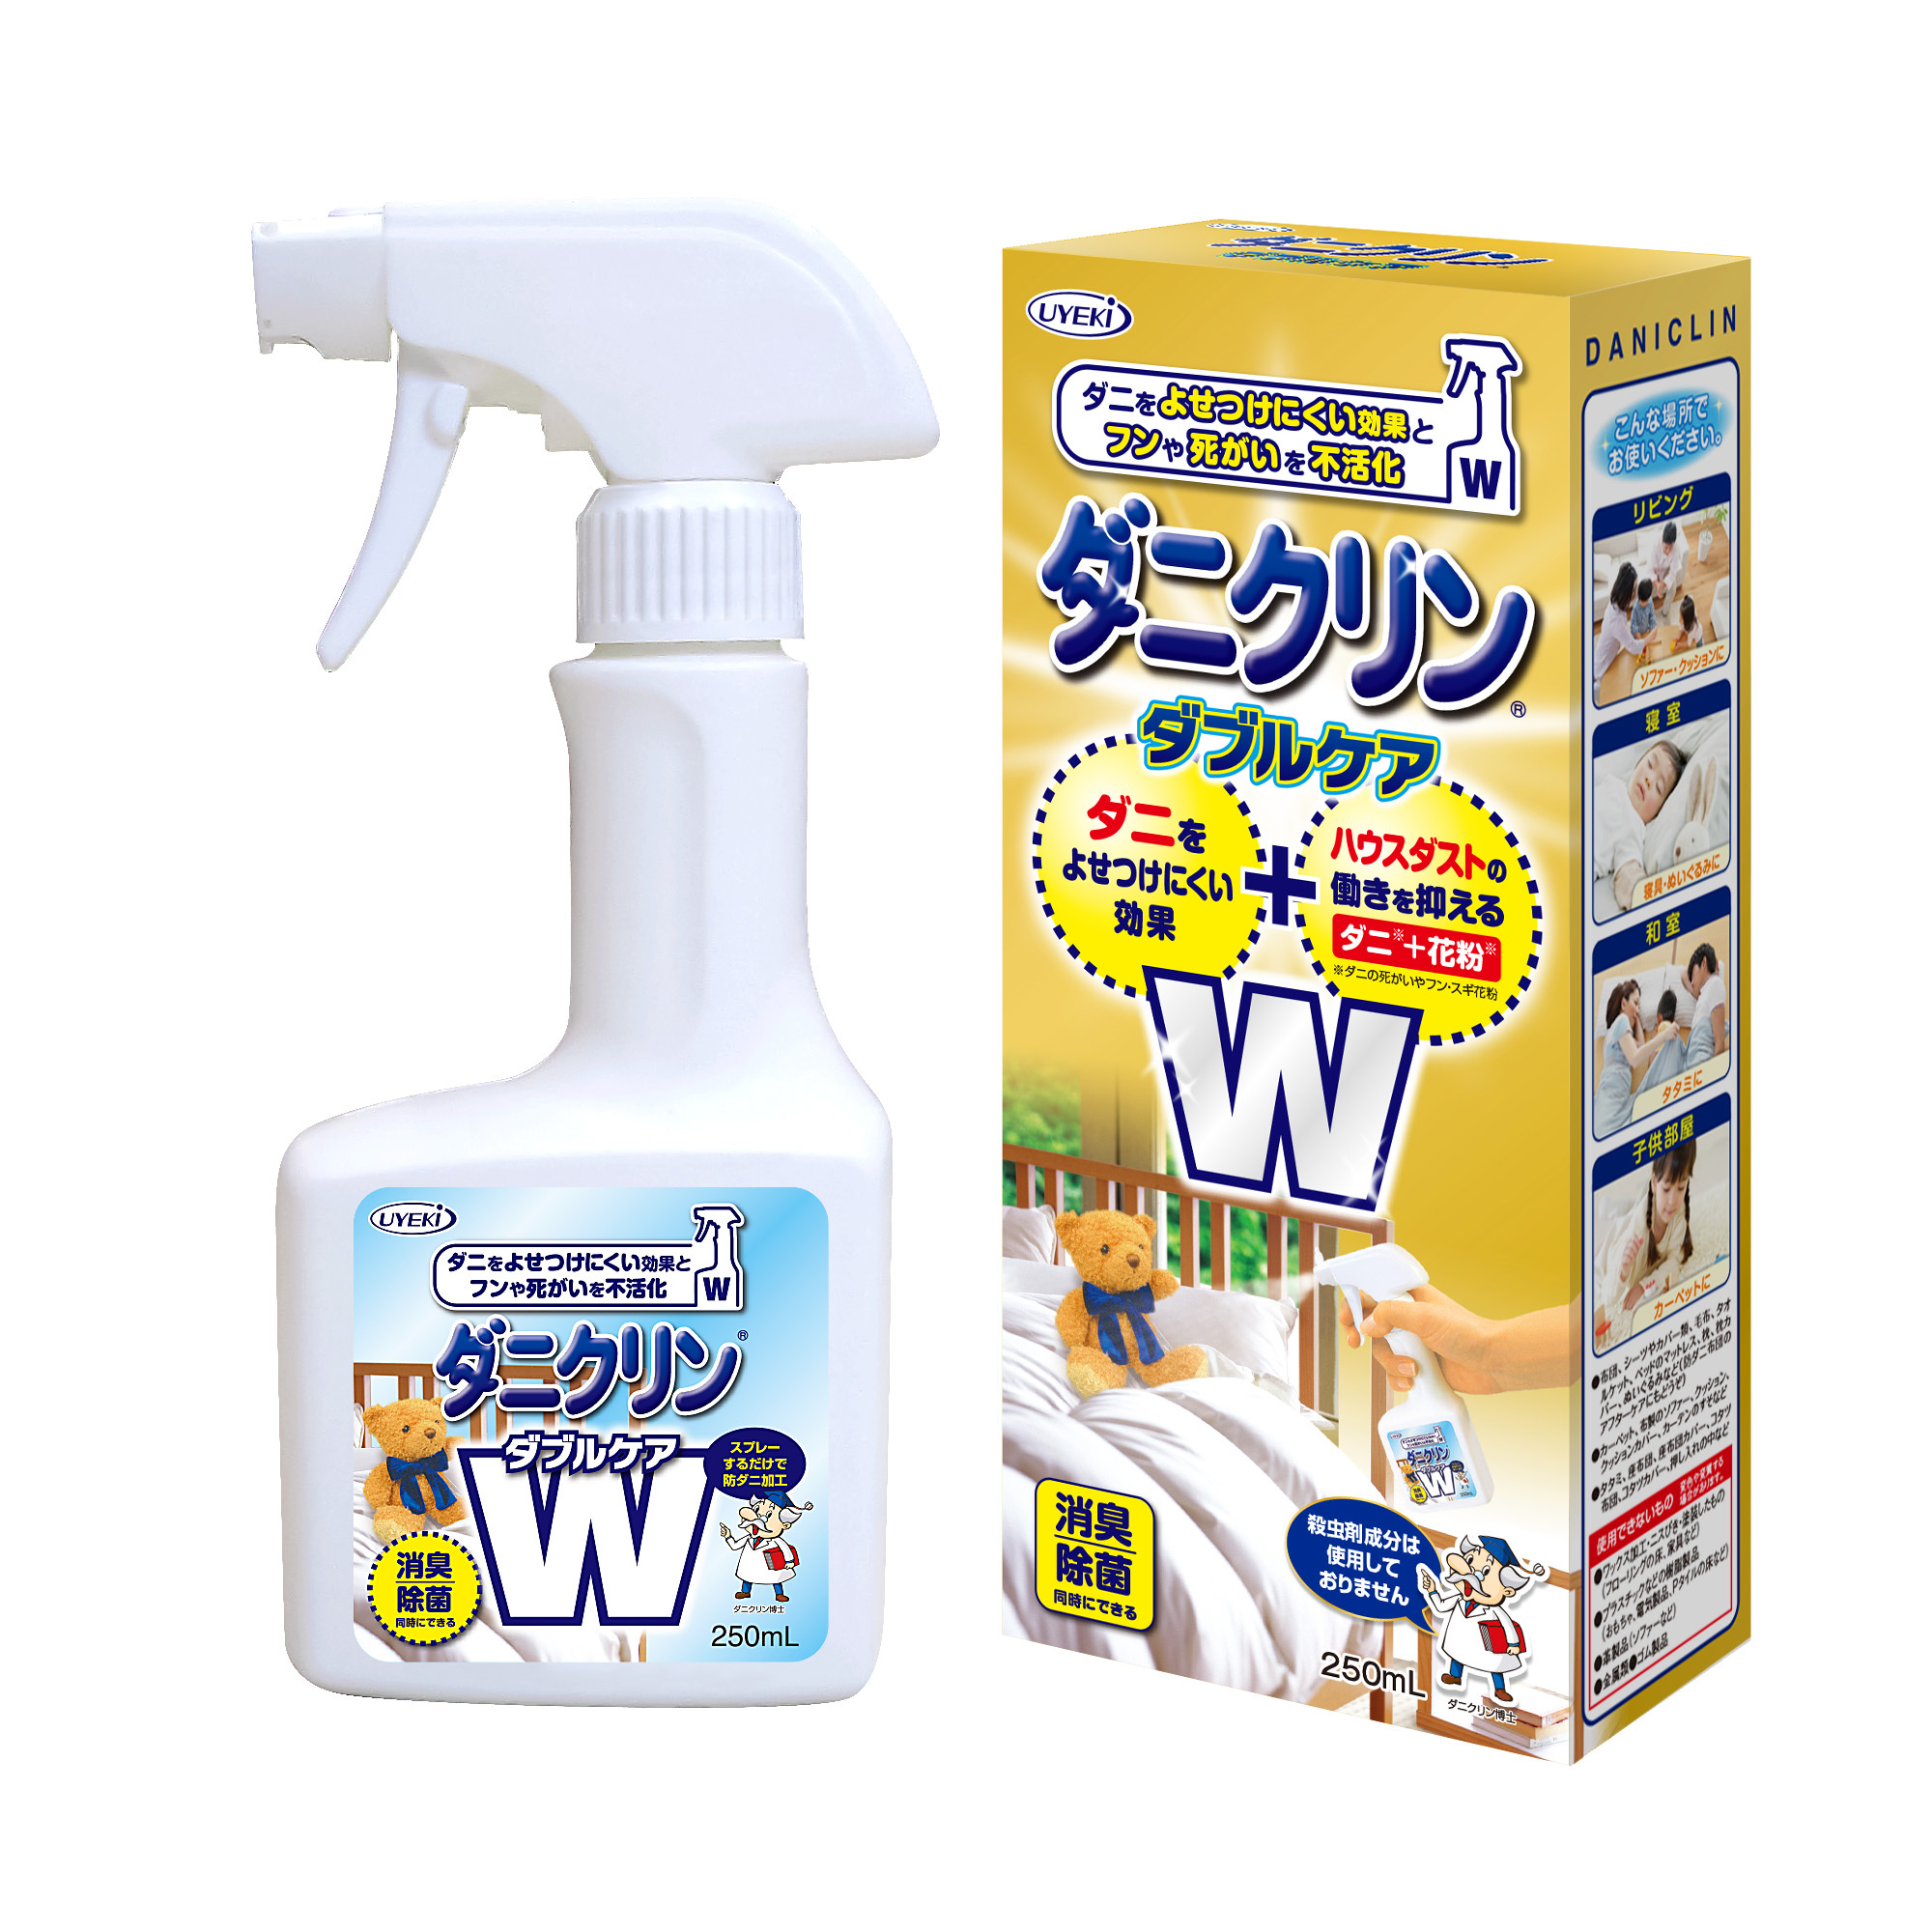 日本原产UYEKI  双效配方有效驱螨抑尘喷剂 白色